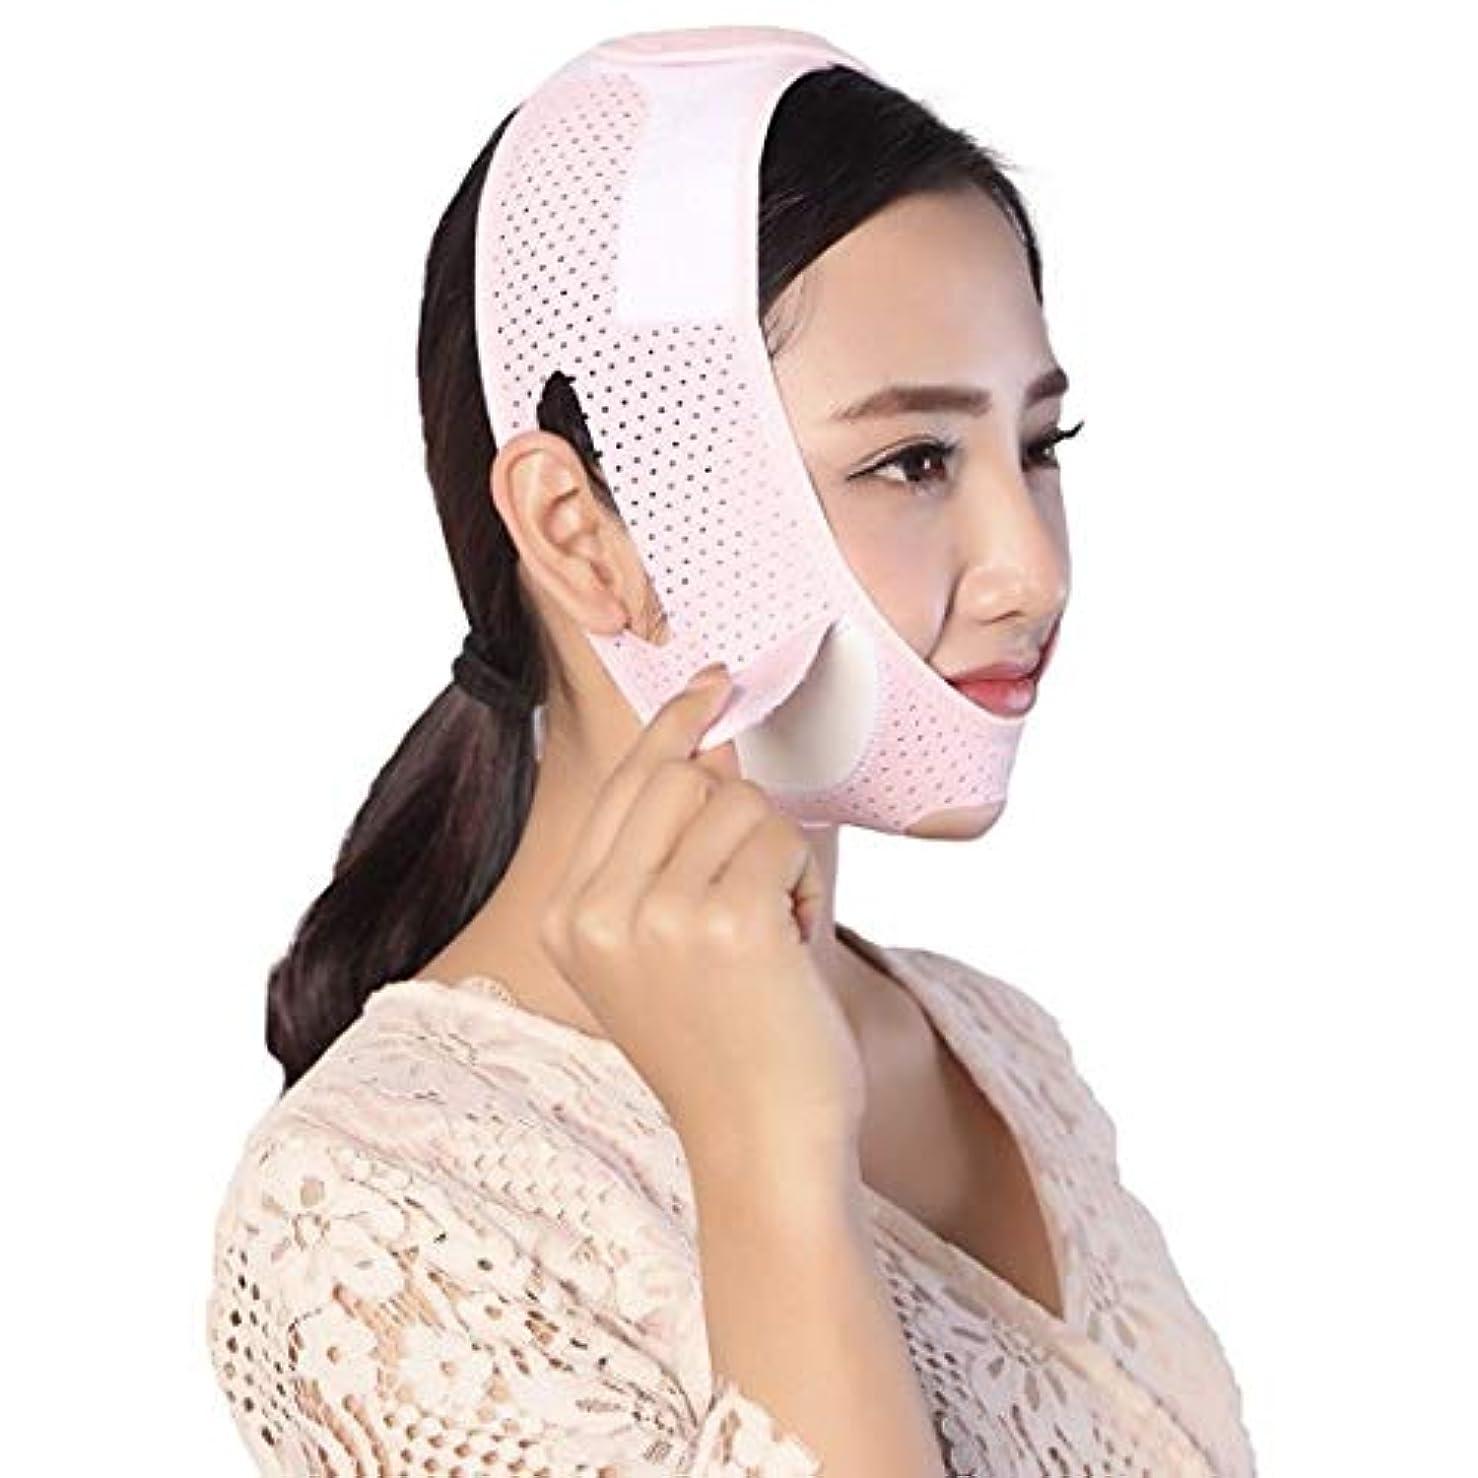 バウンドインペリアル姉妹ZWBD フェイスマスク, フェイスリフティングベルトリフティングVフェイスライン包帯フェイシャル引き締め二重あごの法則睡眠マスク通気性